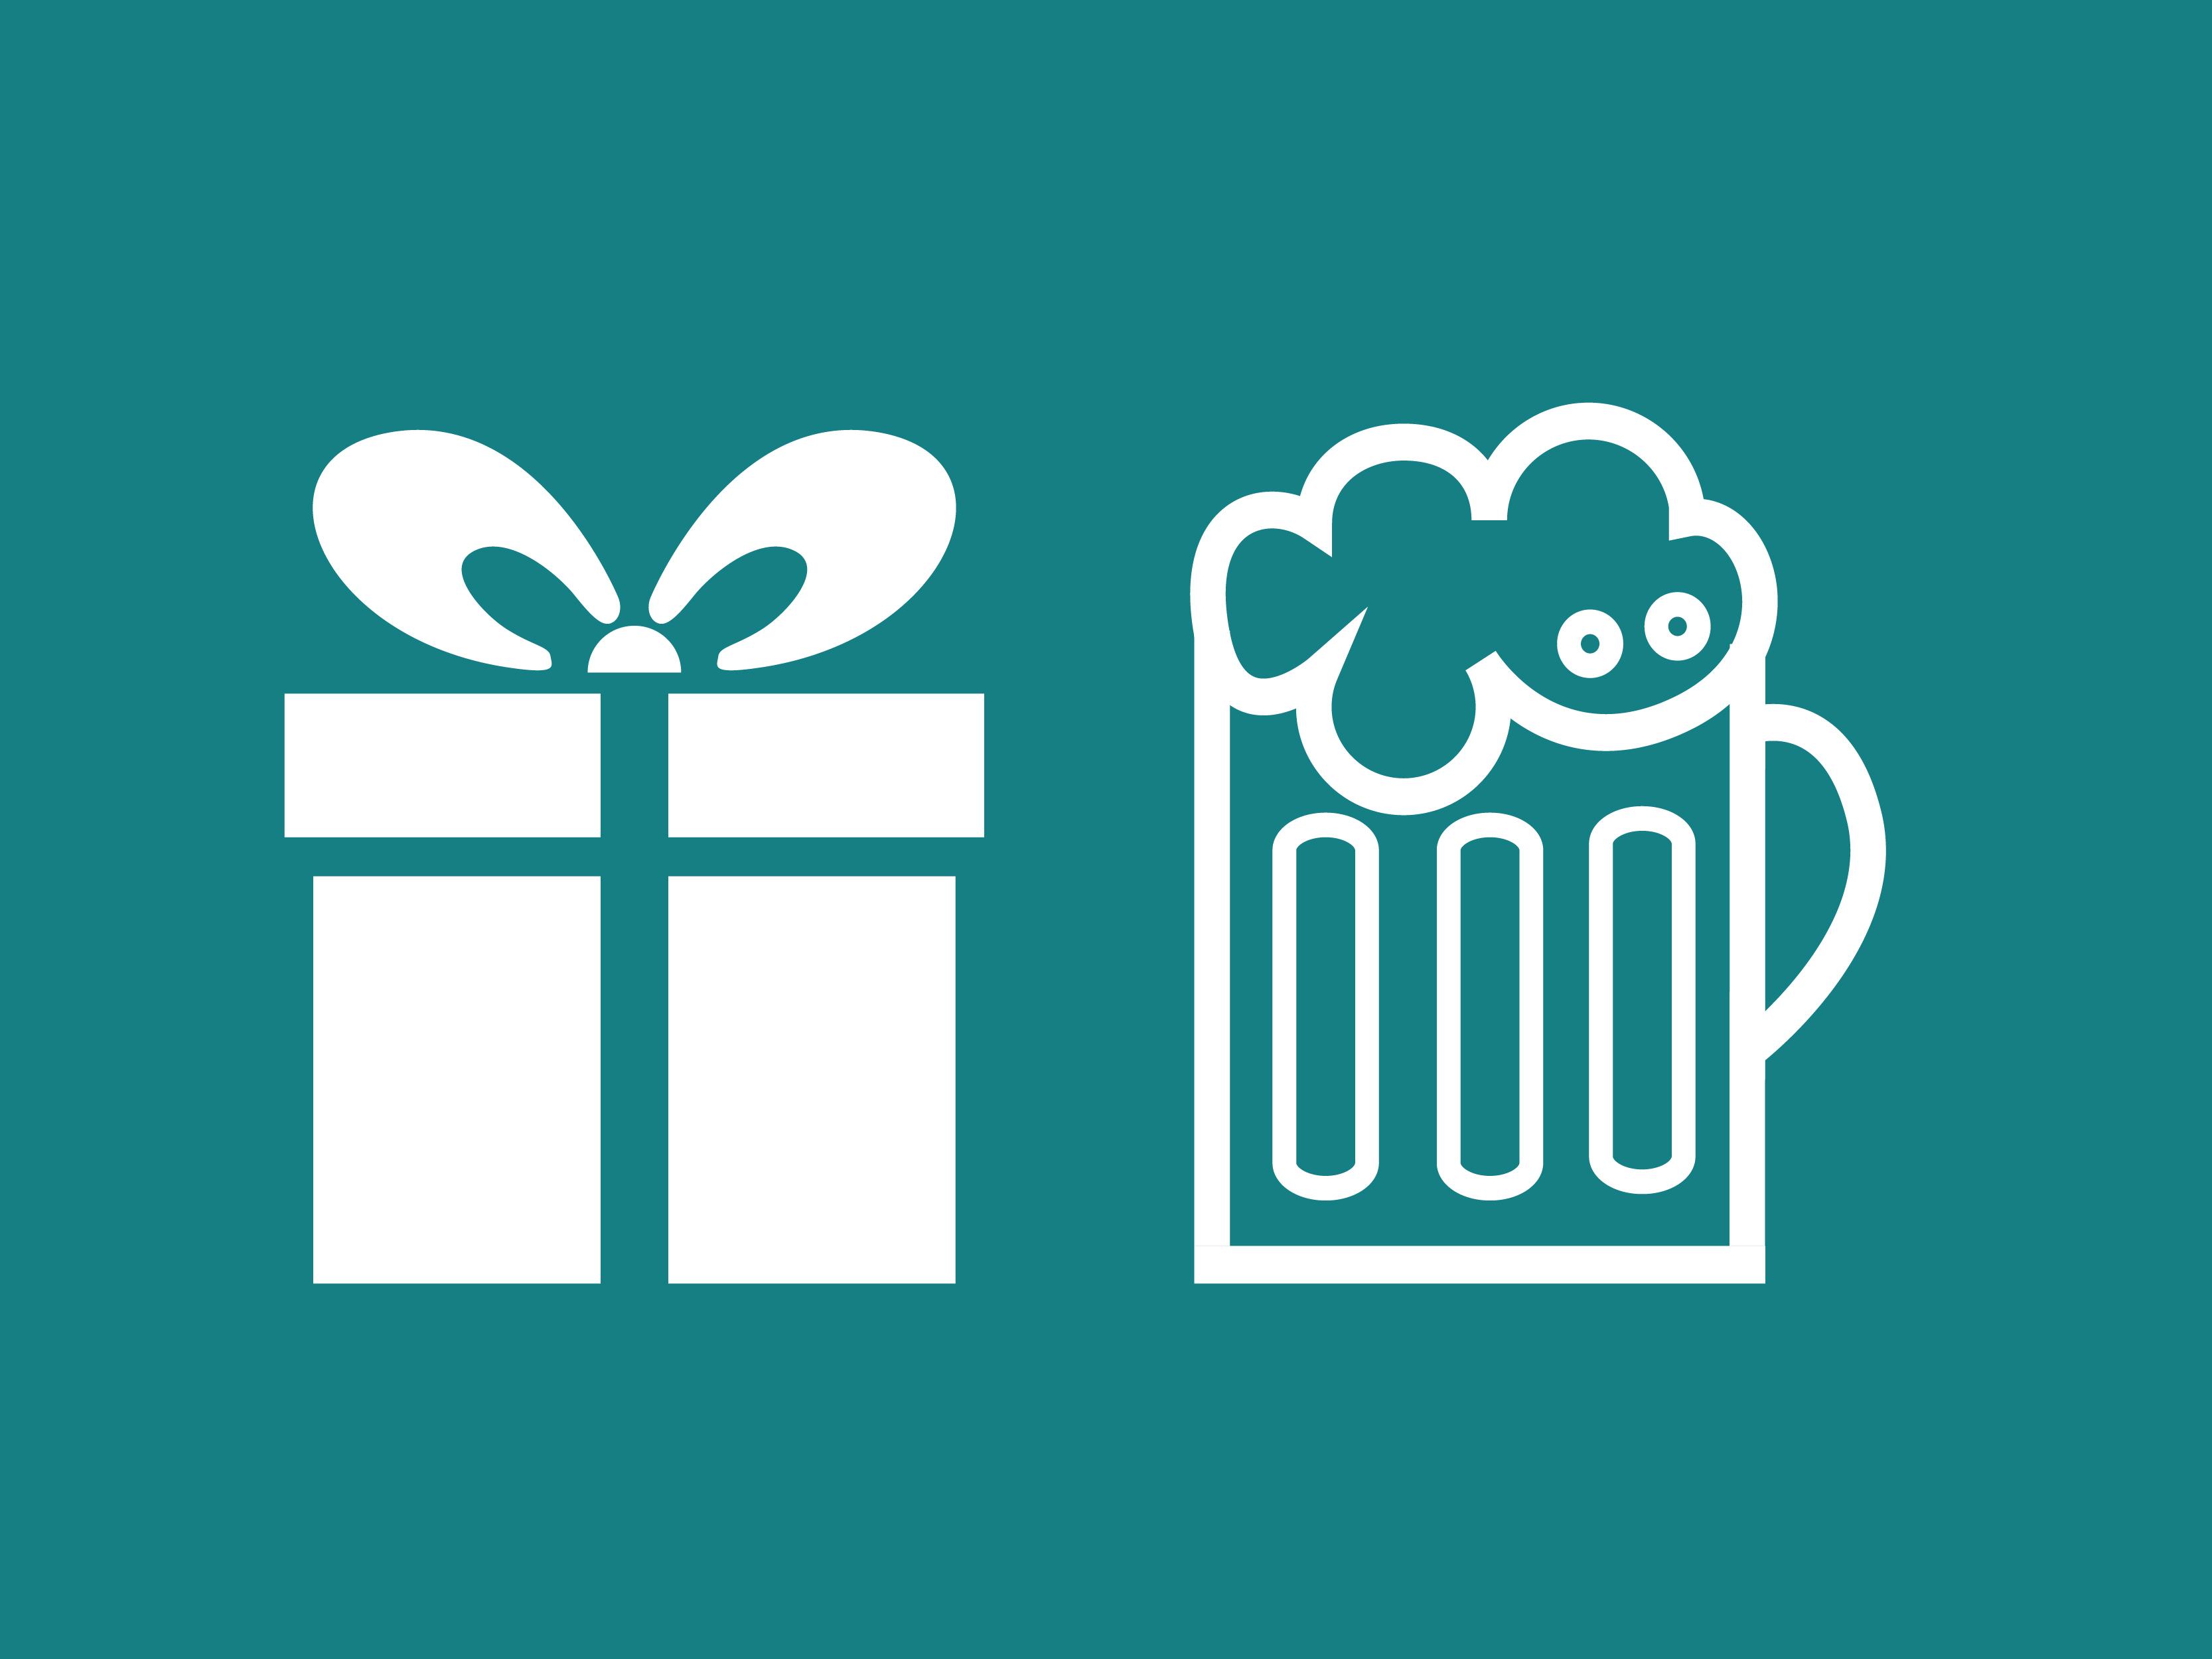 visu_cadeaux-03-03-1463576982.jpg